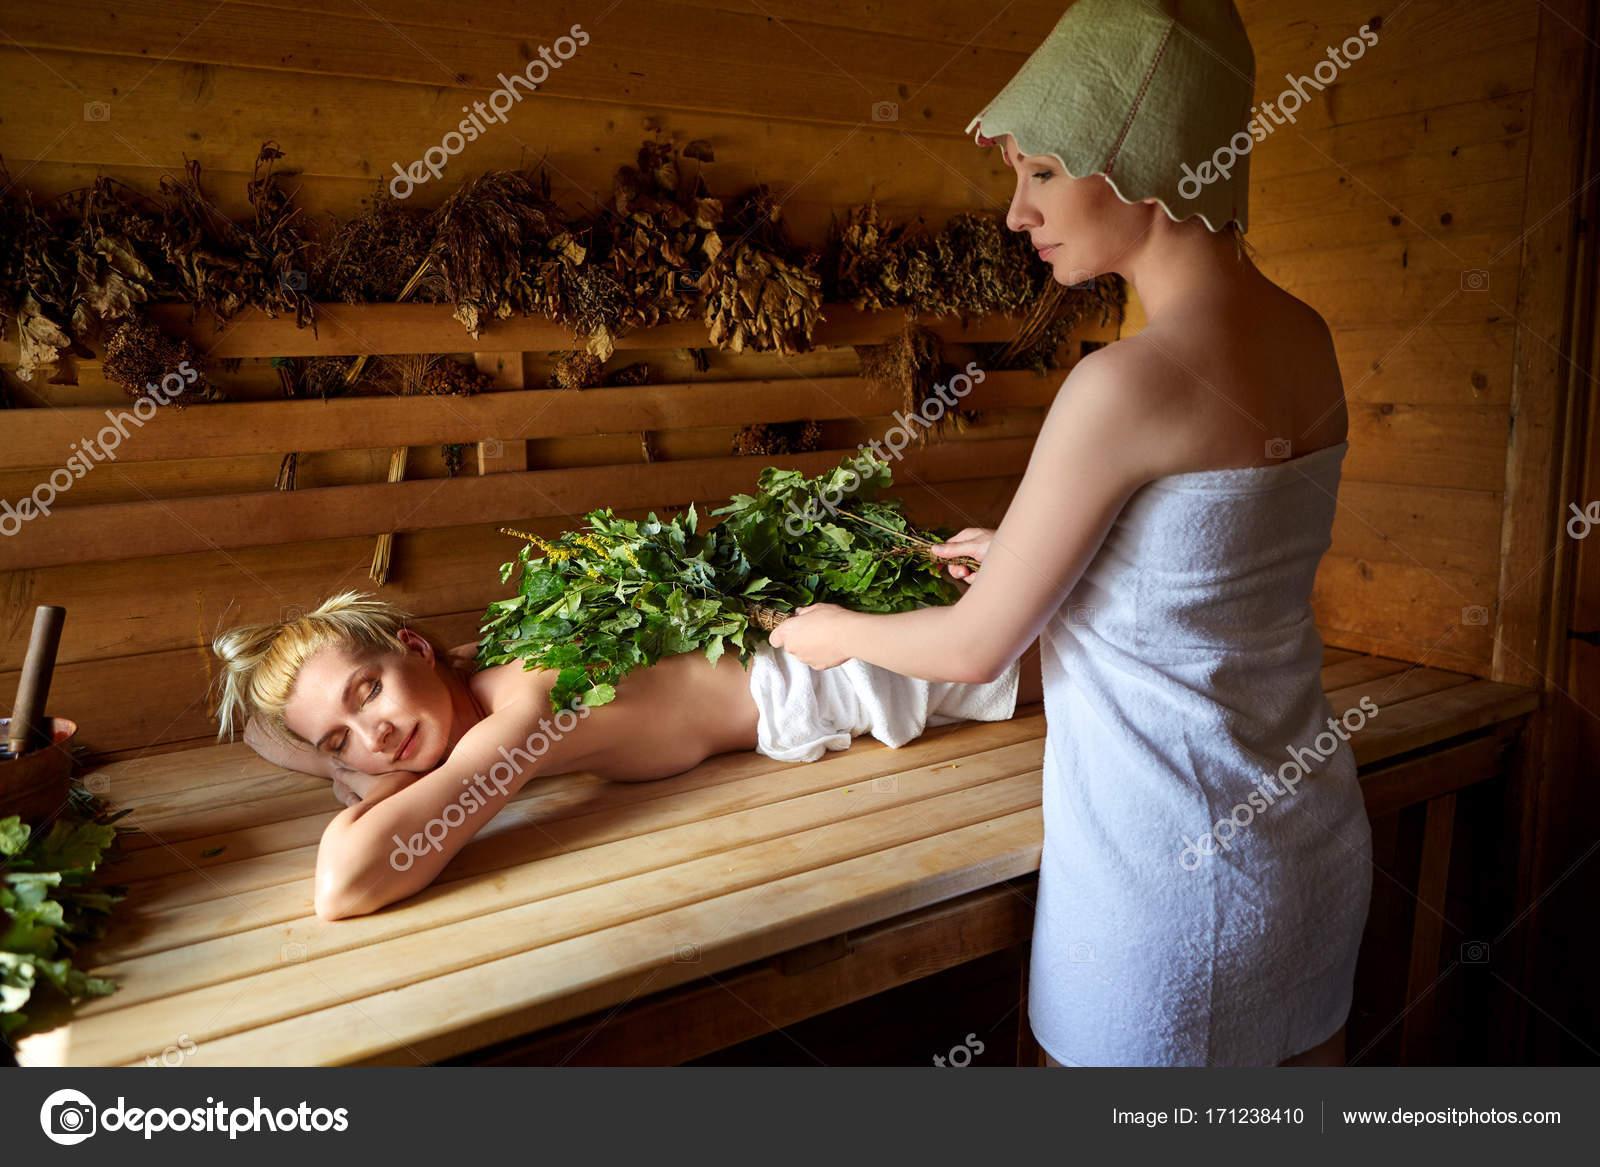 nevesta-v-saune-foto-rizhenkaya-devushka-porno-foto